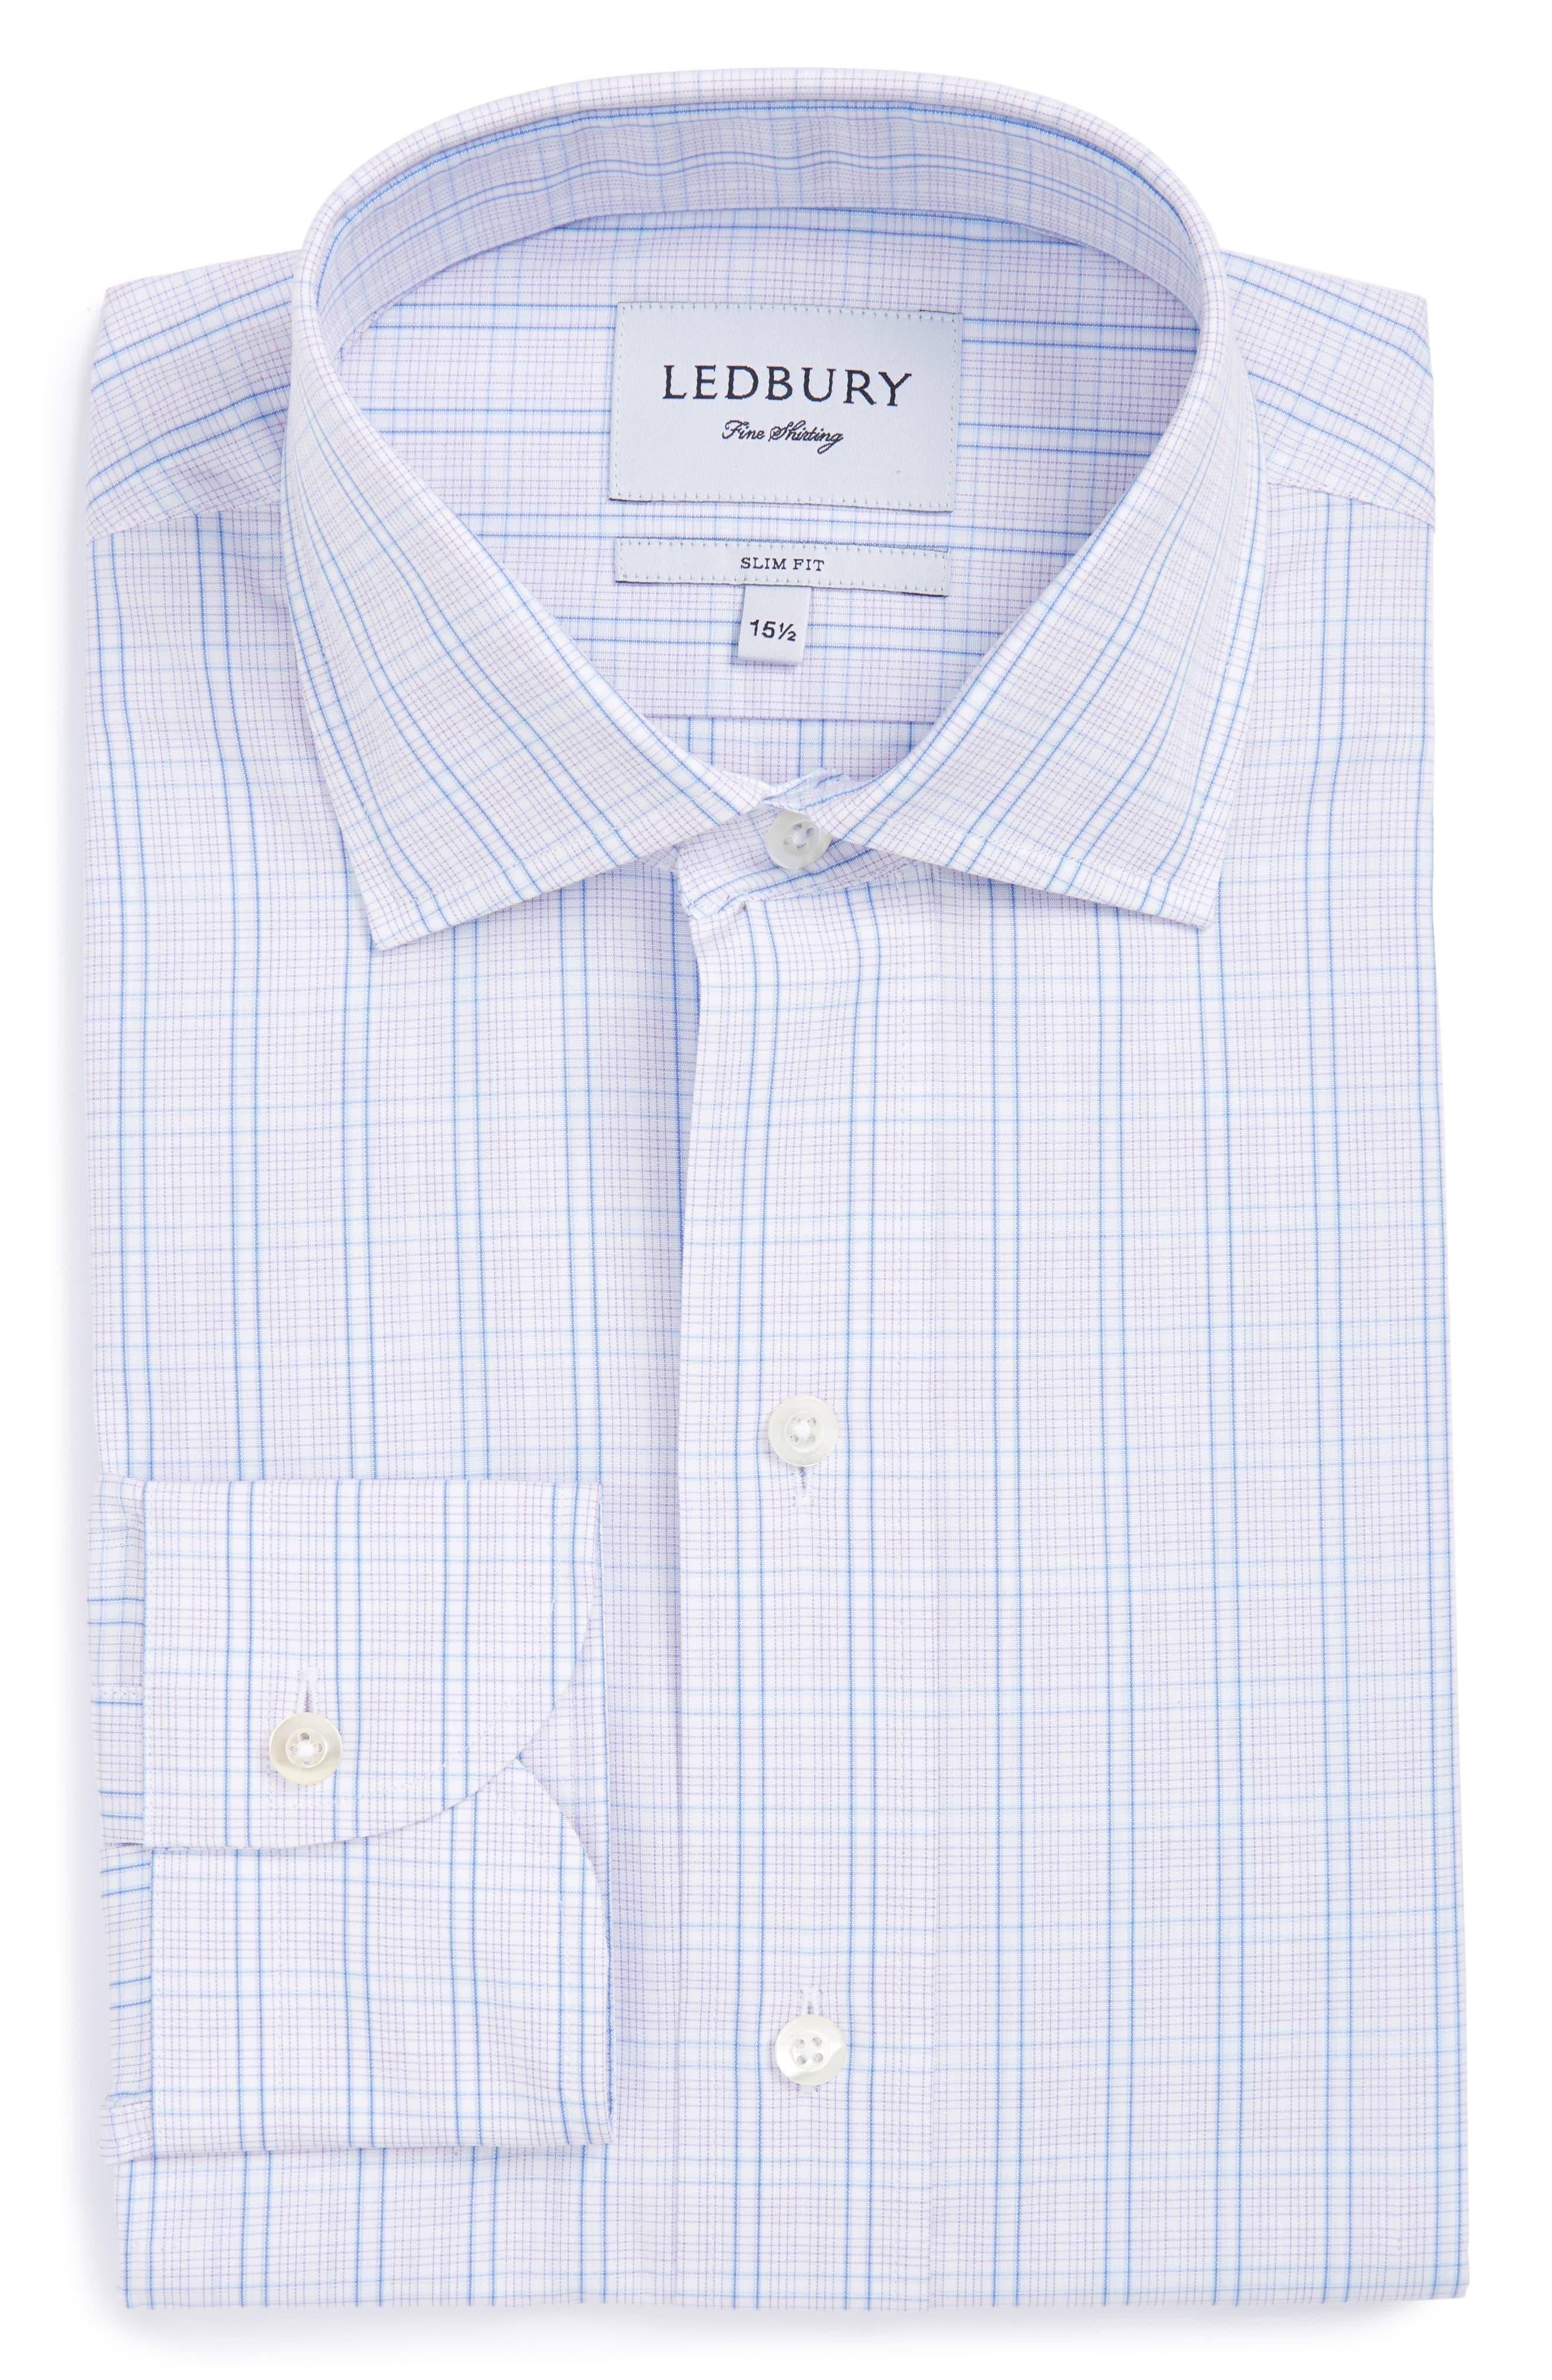 Ledbury The Loder Check Slim Fit Dress Shirt